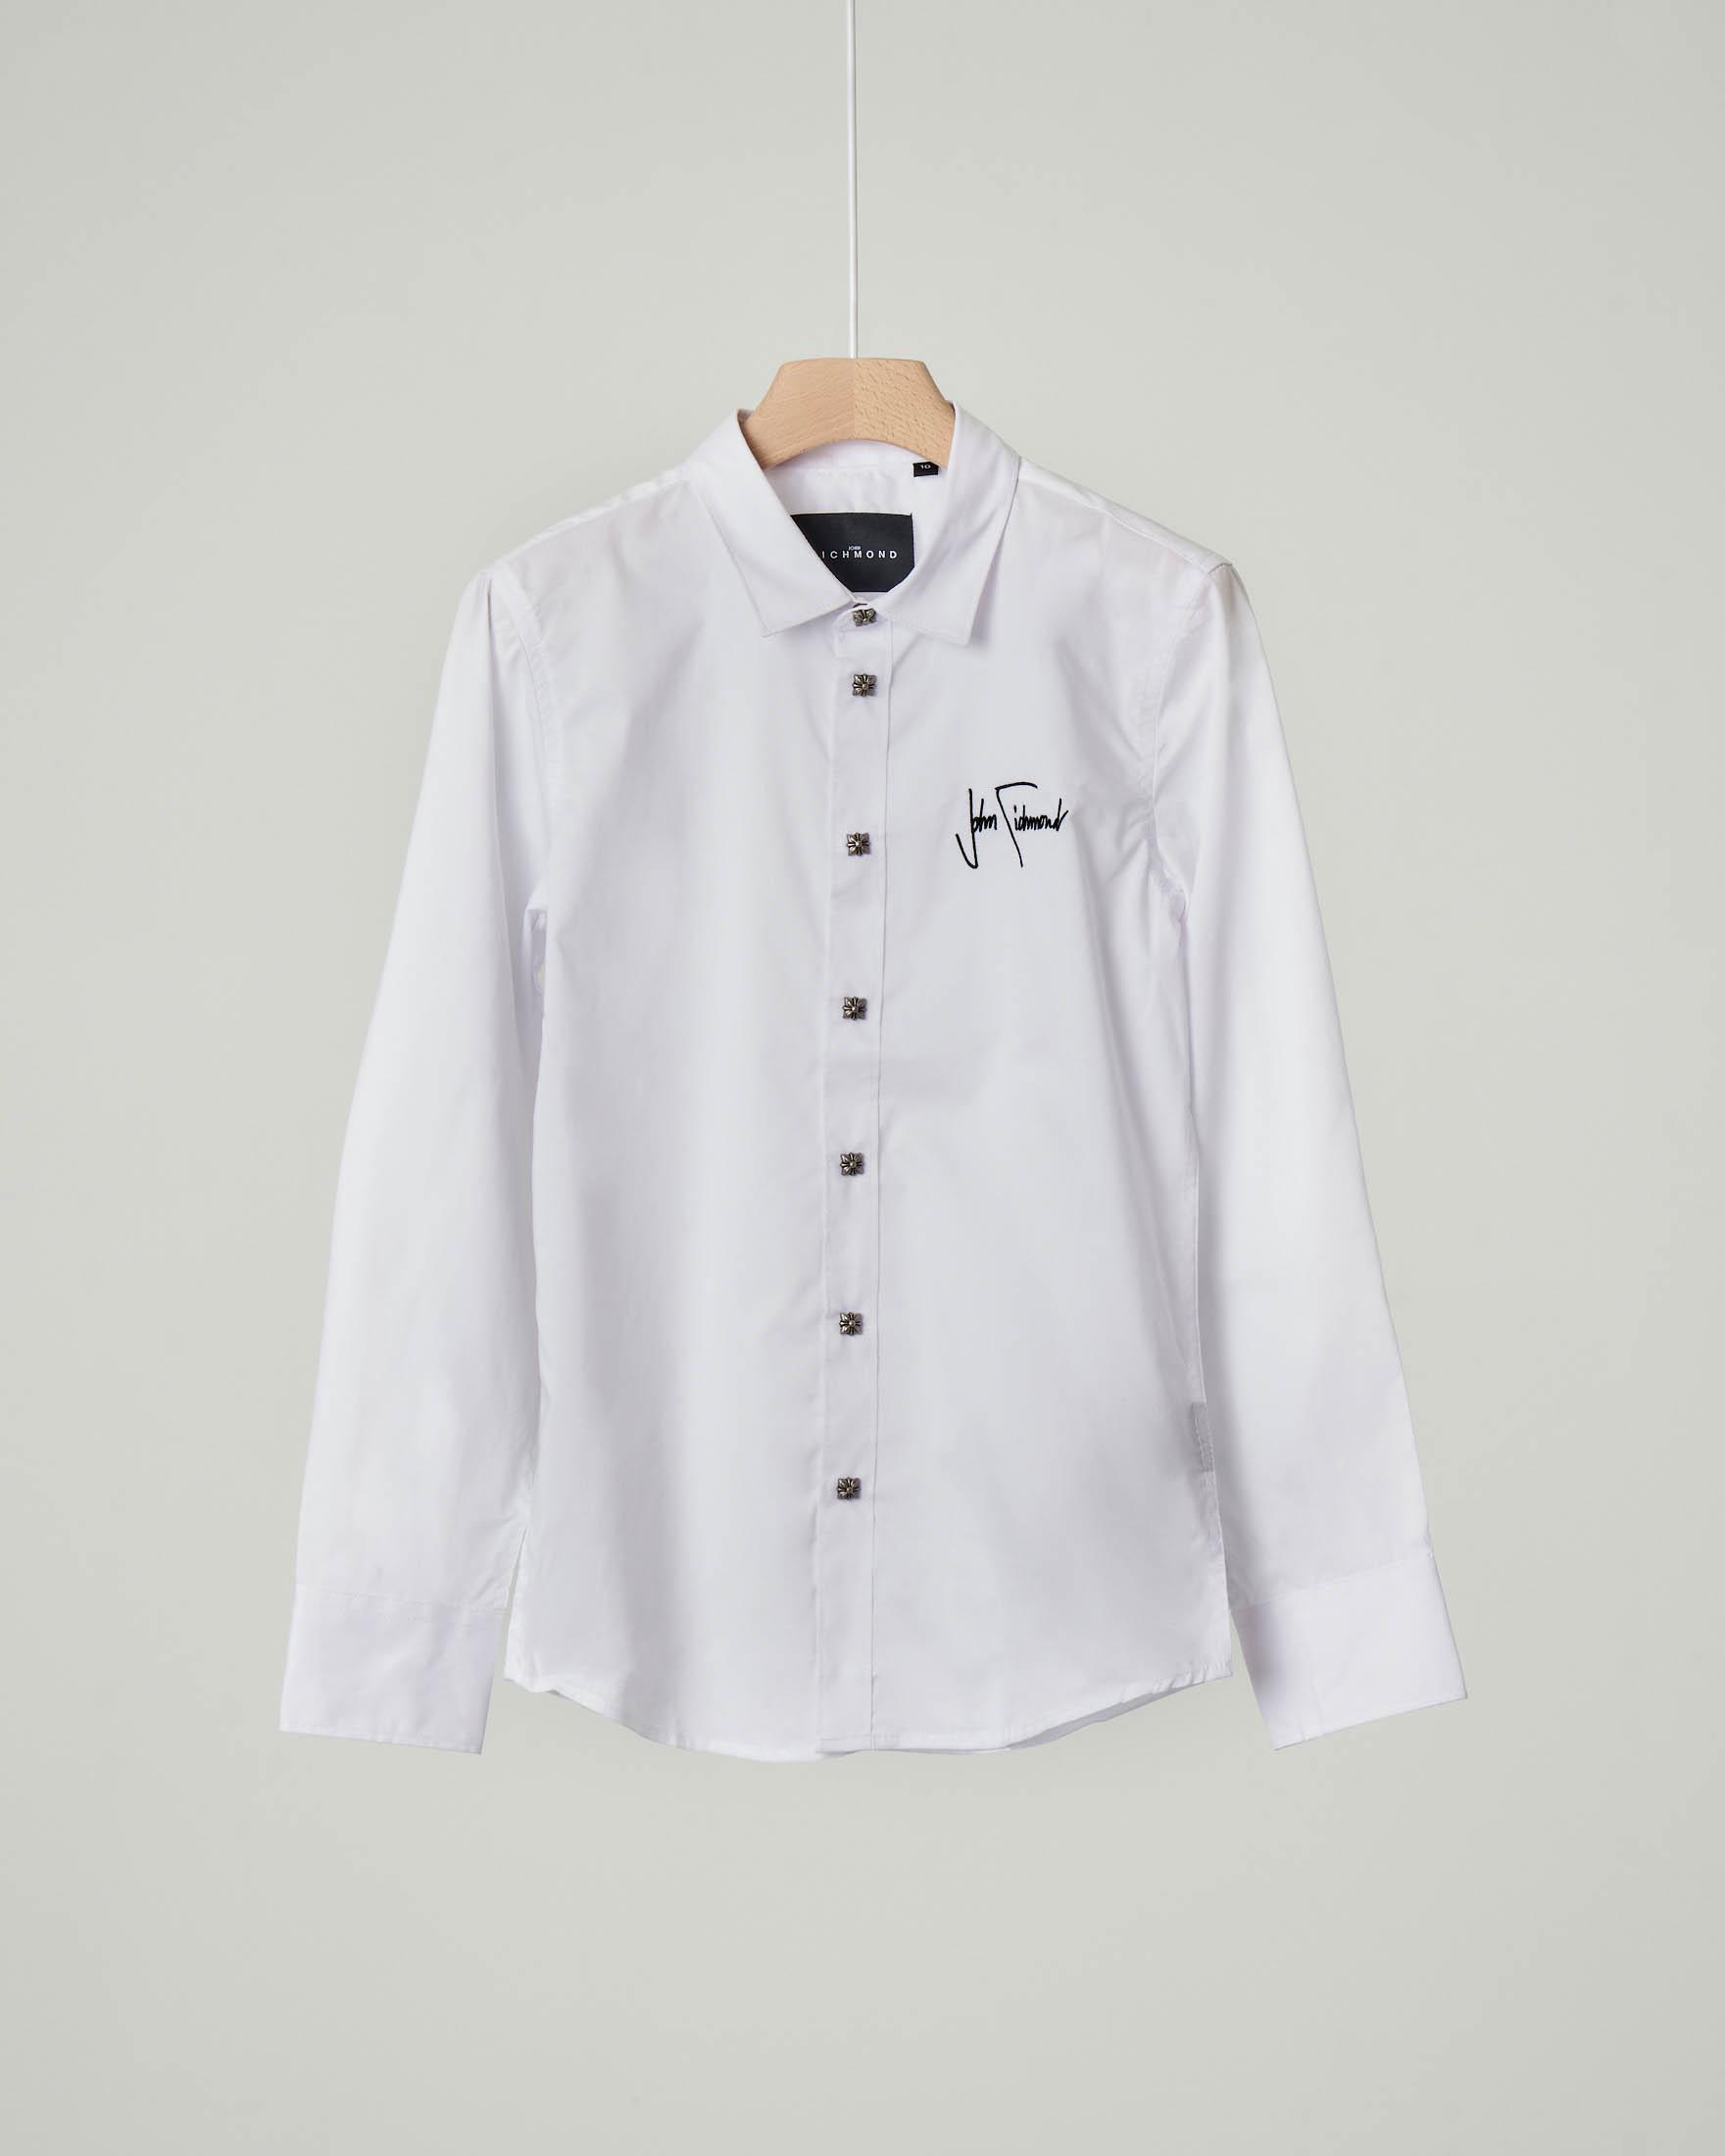 Camicia bianca in cotone stretch con logo ricamato 10-16 anni